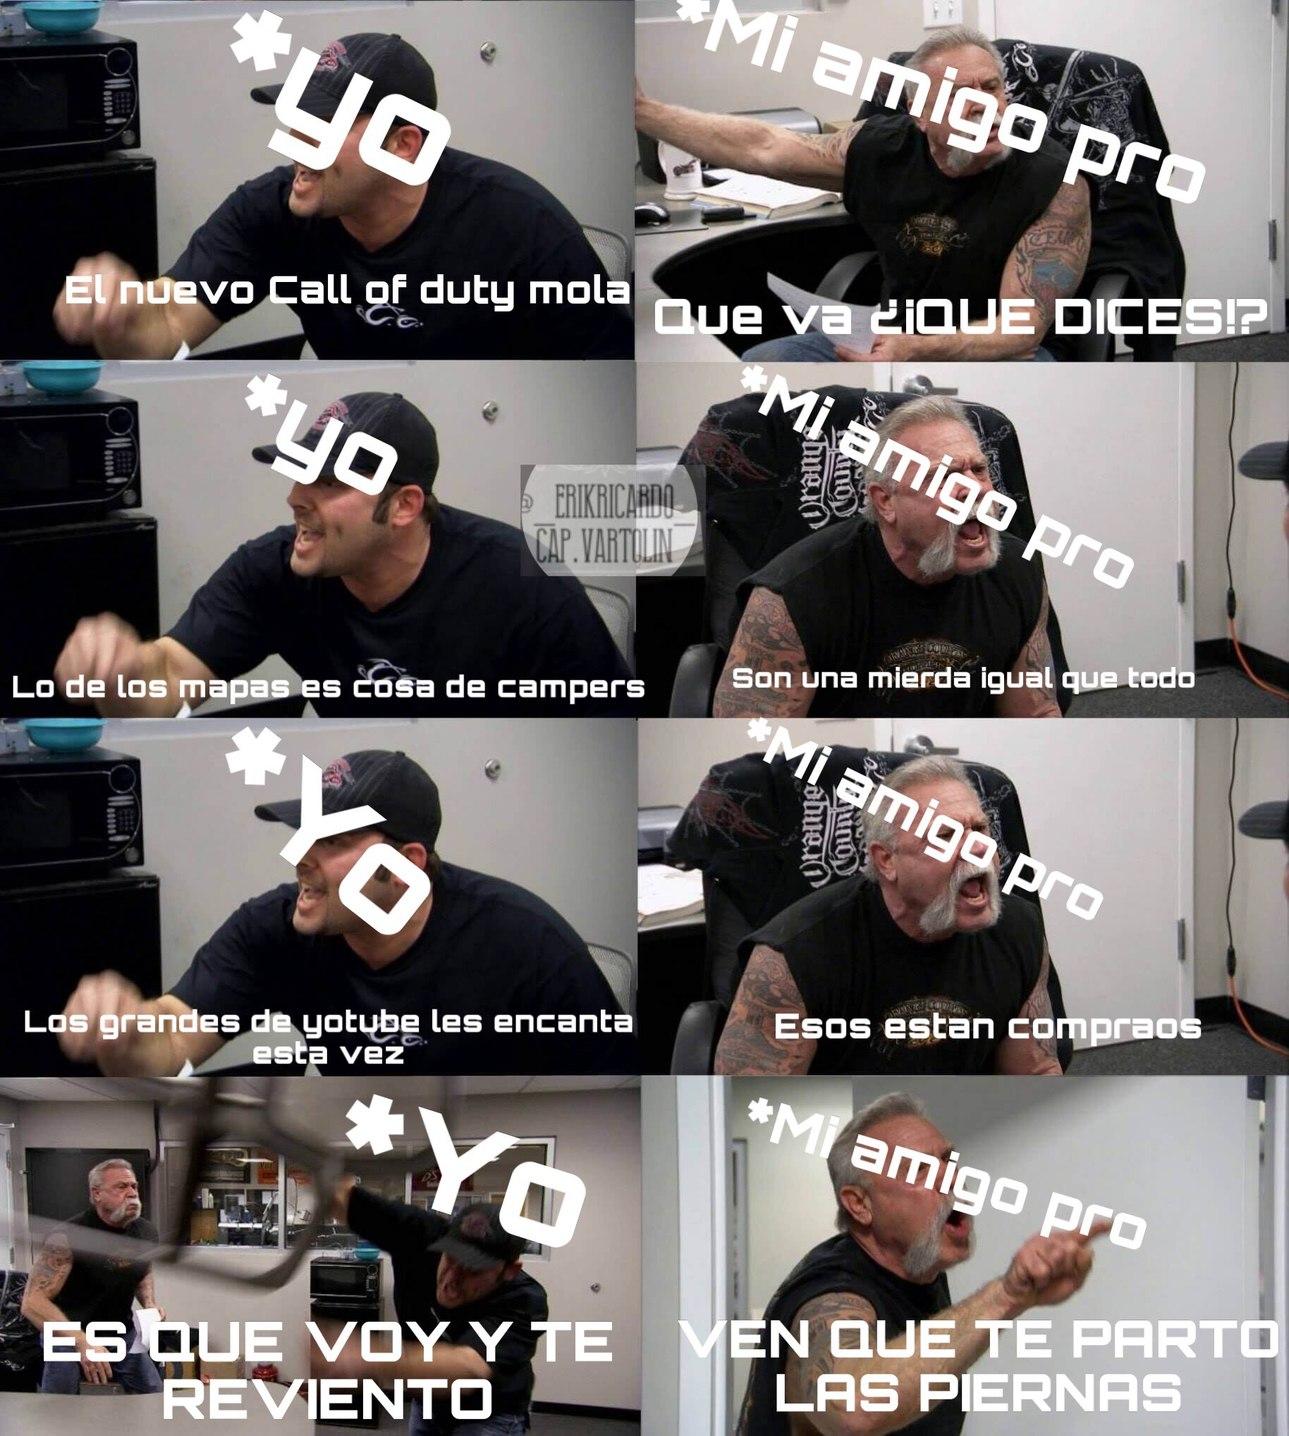 Yo Y Mi Amigo Discutiendo De Call Of Duty Meme Subido Por Cap Vartolin Memedroid